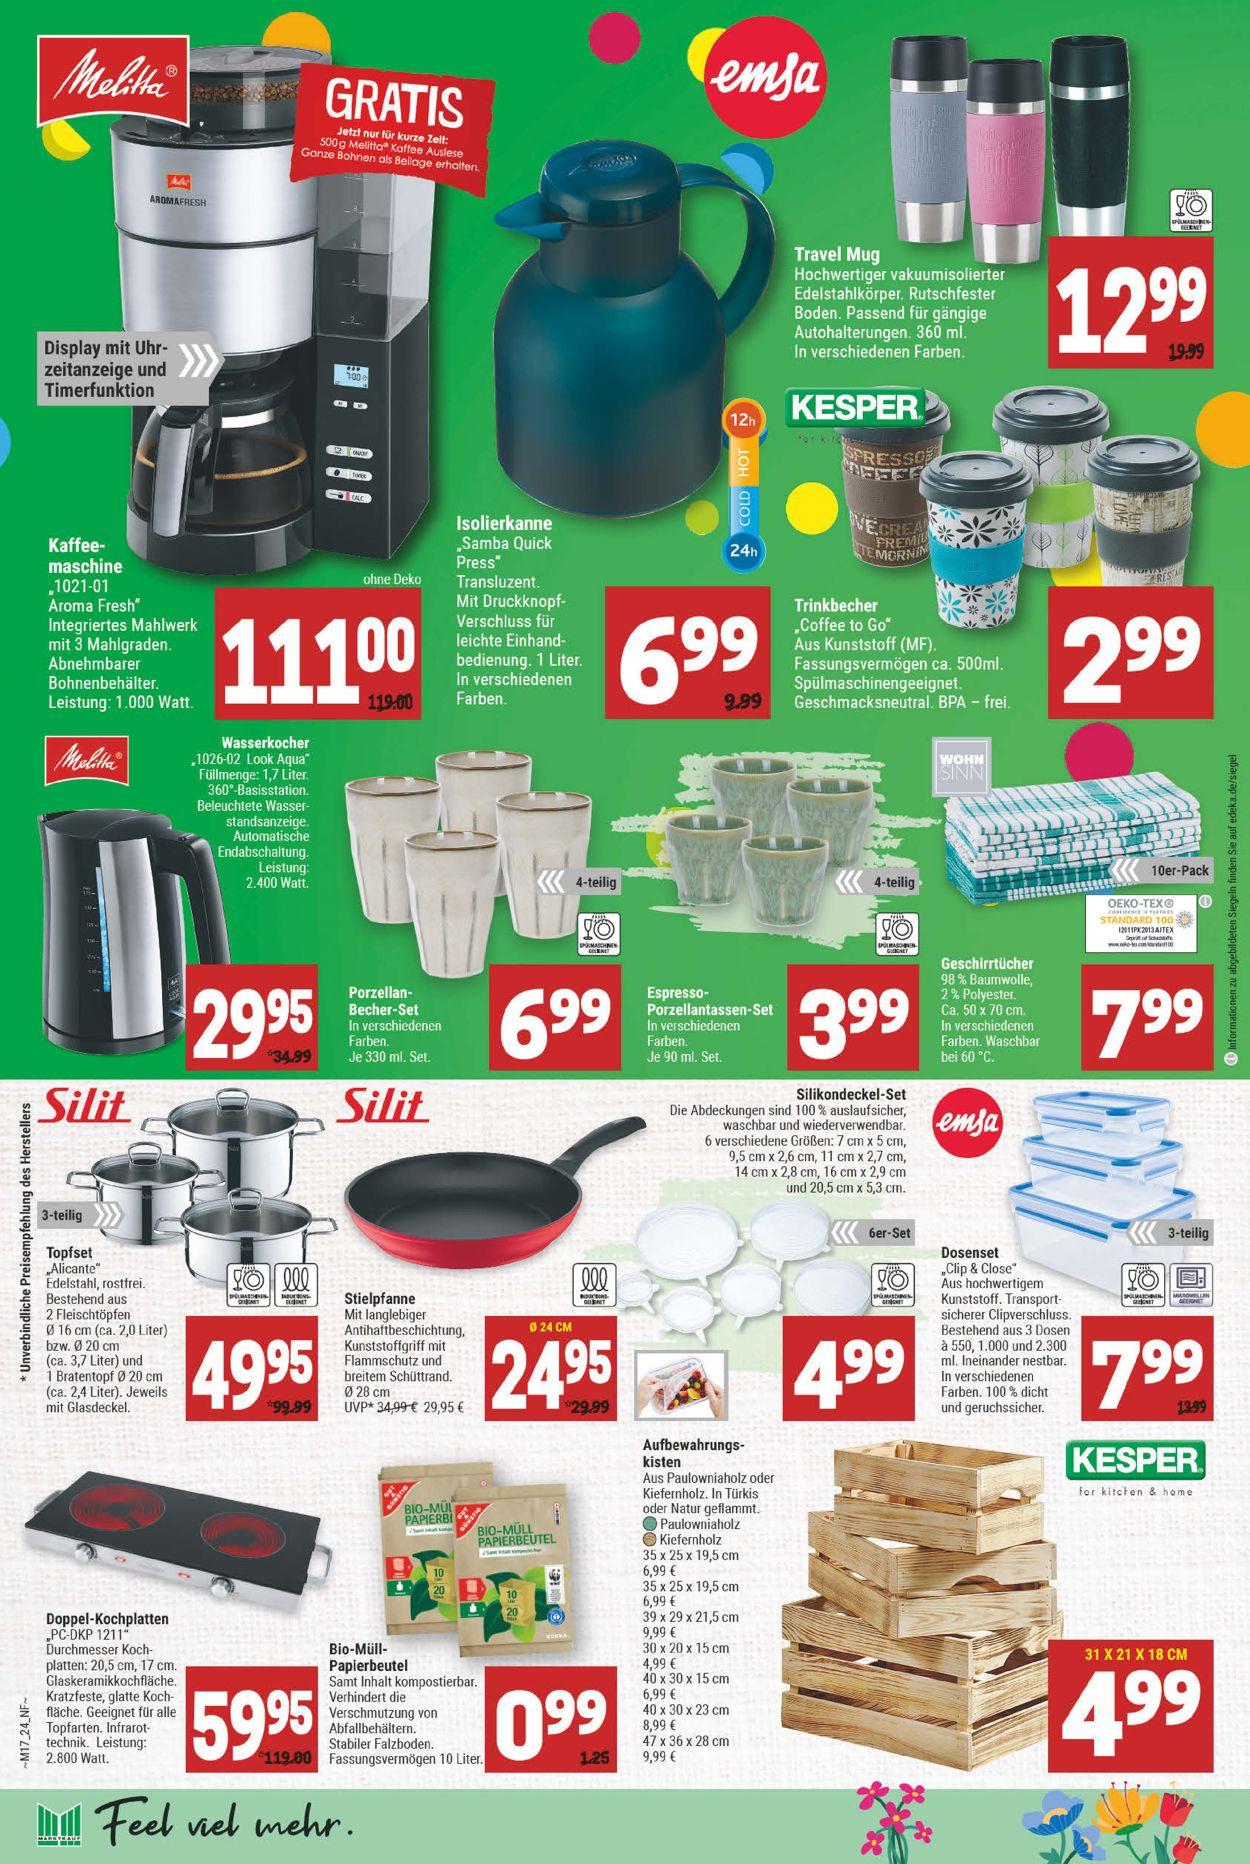 Marktkauf Prospekt - Aktuell vom 26.04-01.05.2021 (Seite 24)